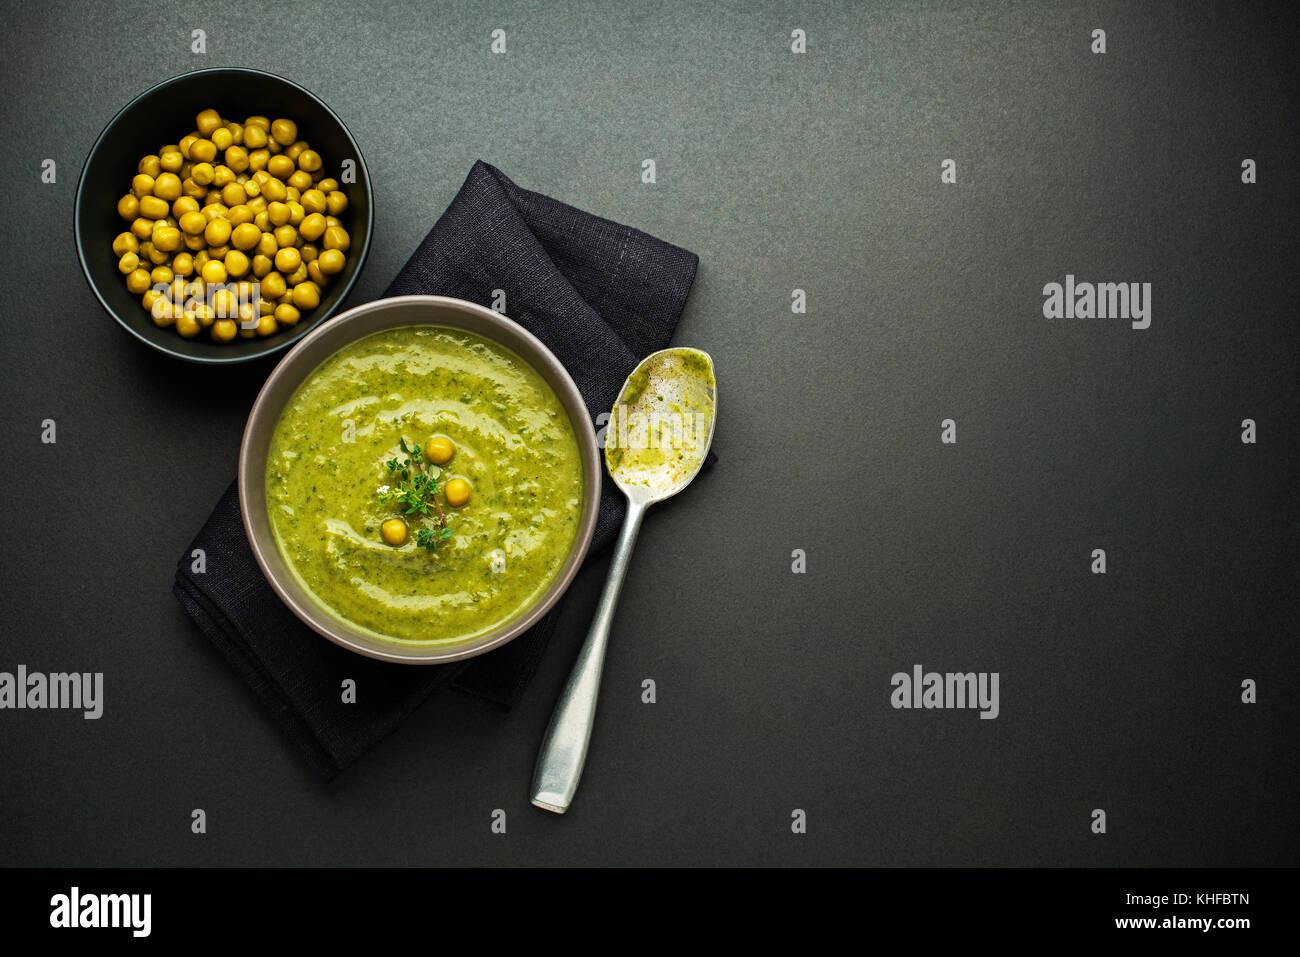 Soupe aux pois légumes frais sain l'analyse des frais généraux Photo Stock